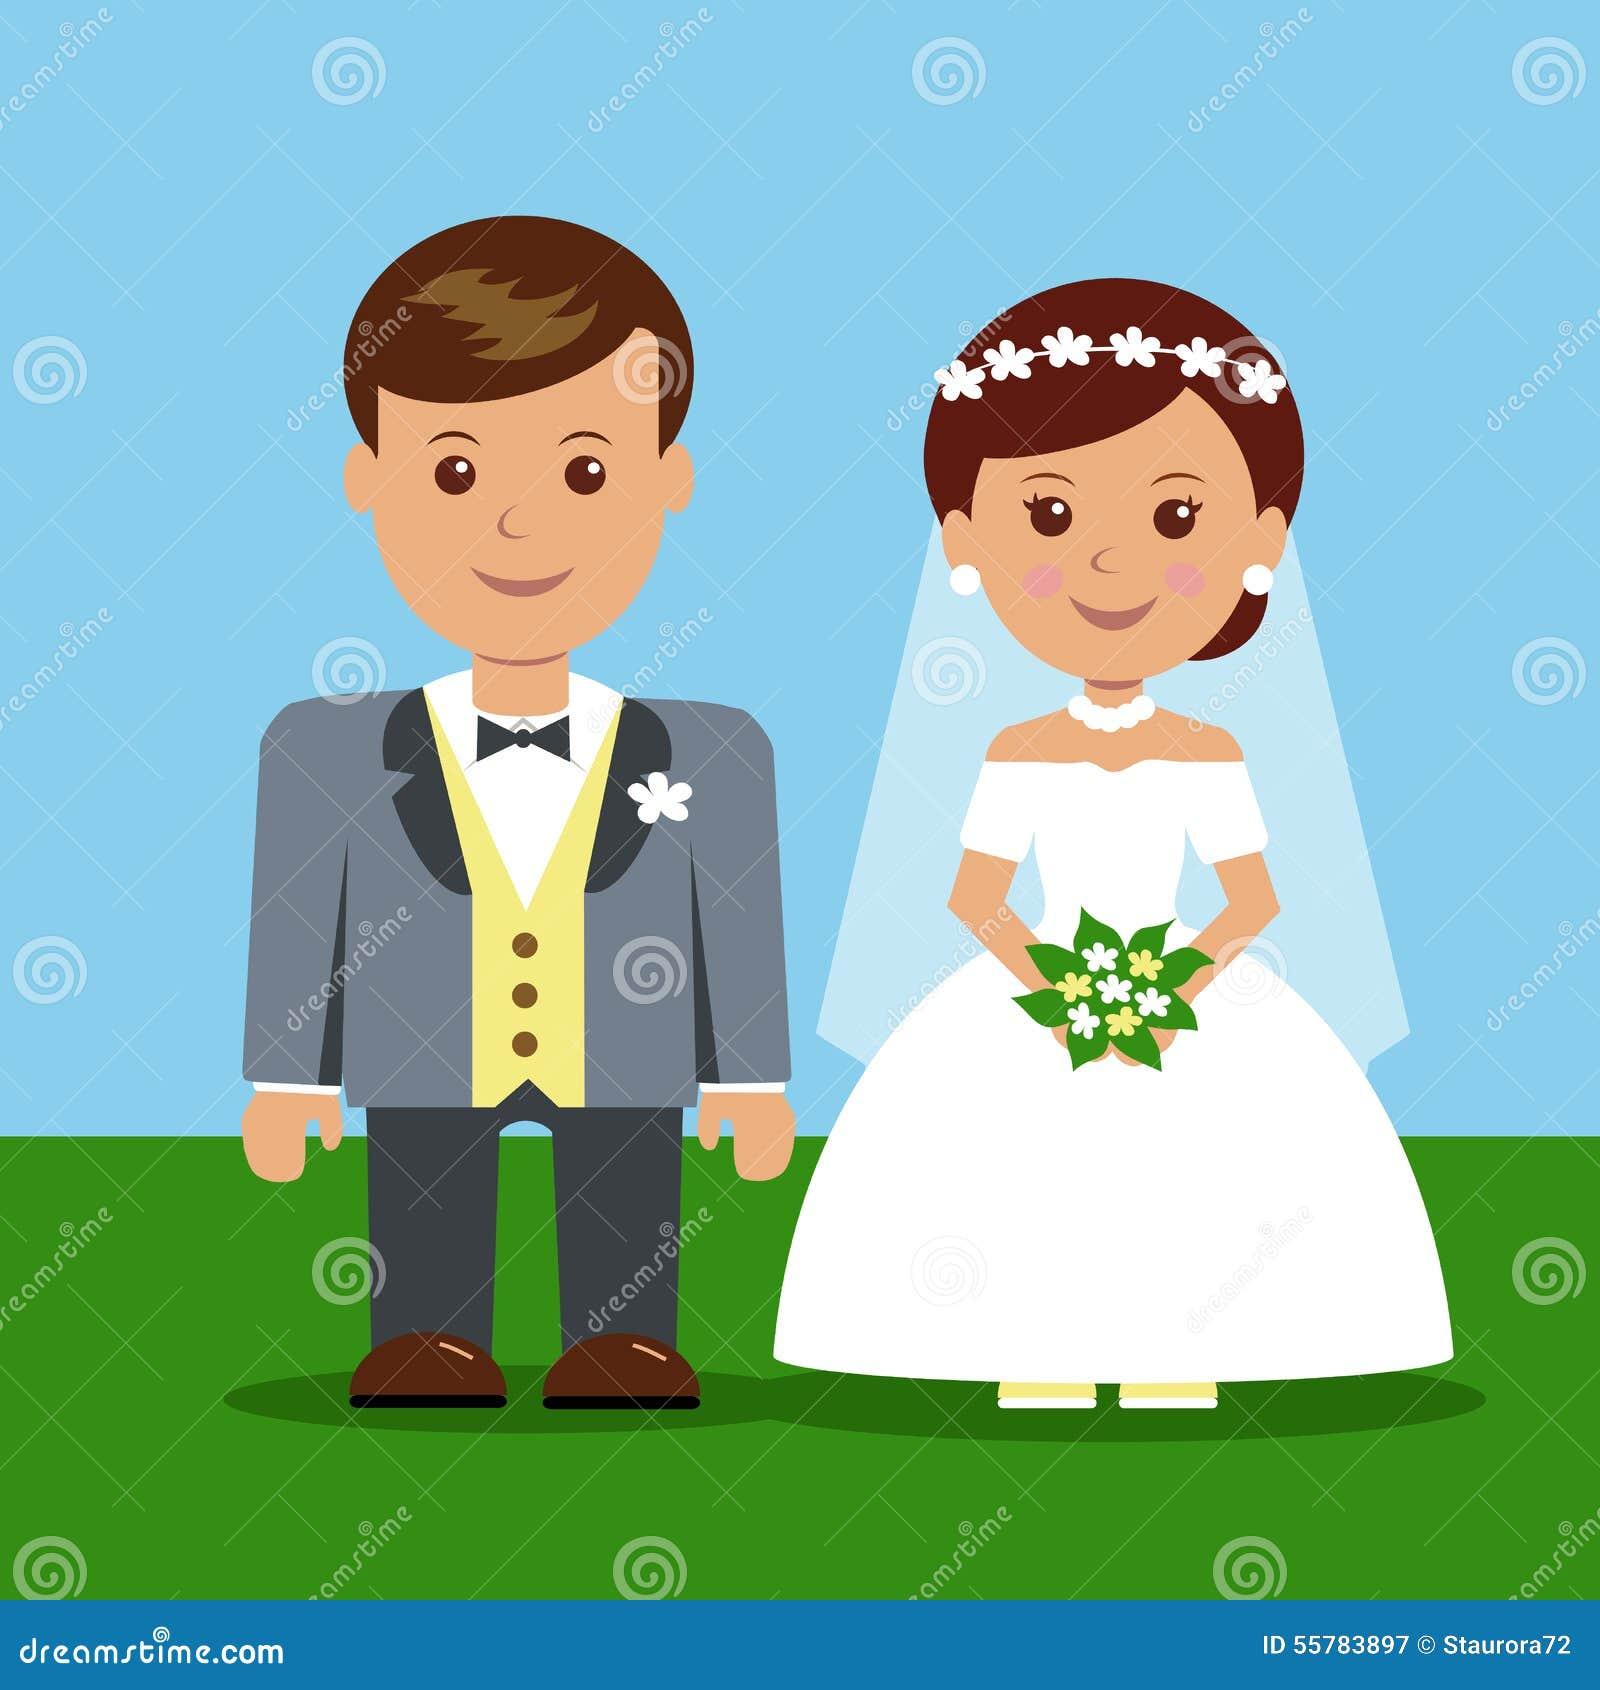 Personajes de dibujos animados de la boda Fotografía de archivo libre de regalías